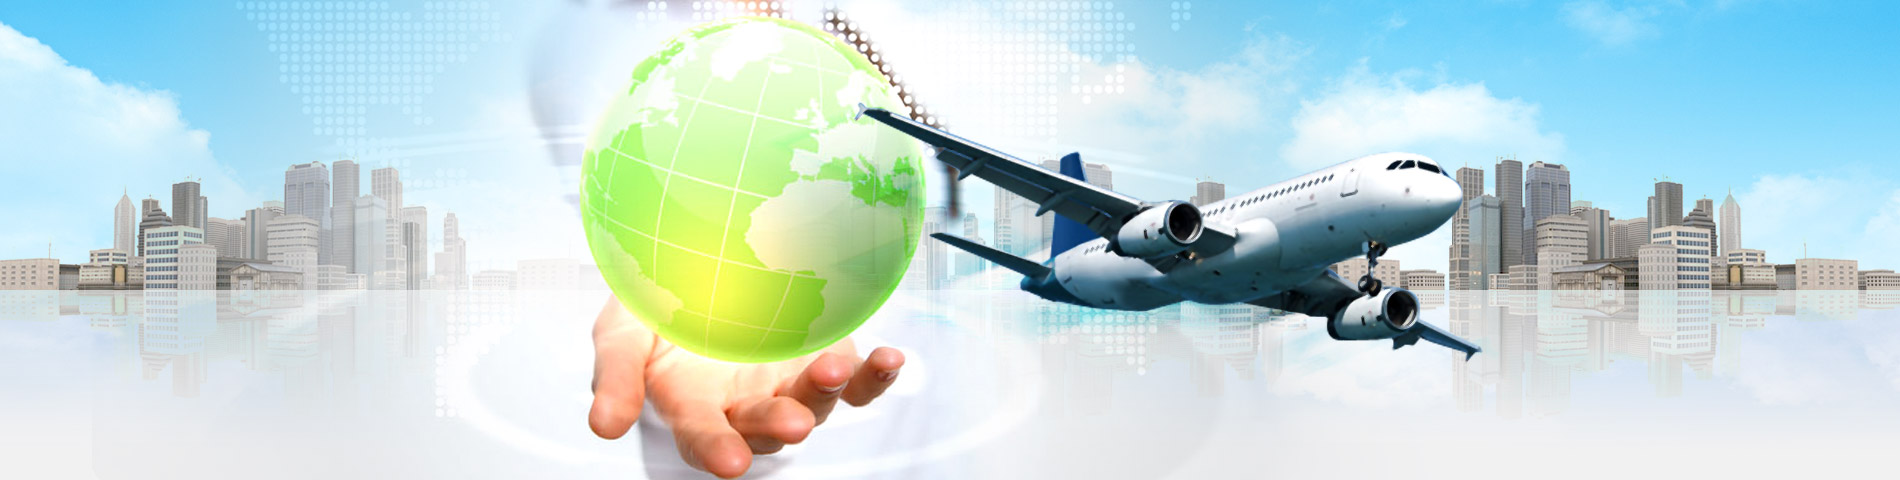 Быстро Скорость доставки Мы предлагаем кратчайшие сроки поставки 3-7 дней для стандартной единицы, чтобы снизить складские расходы клиента.